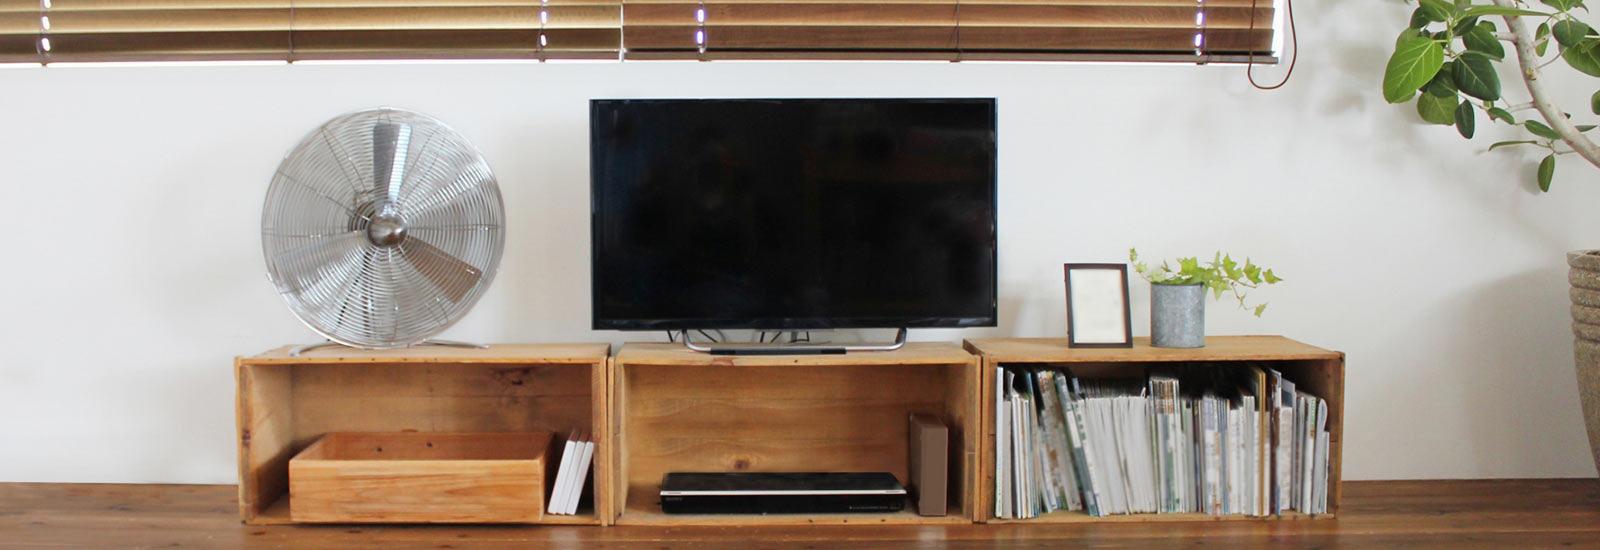 テレビ ビデオ で 見れ ない プライム アマゾン